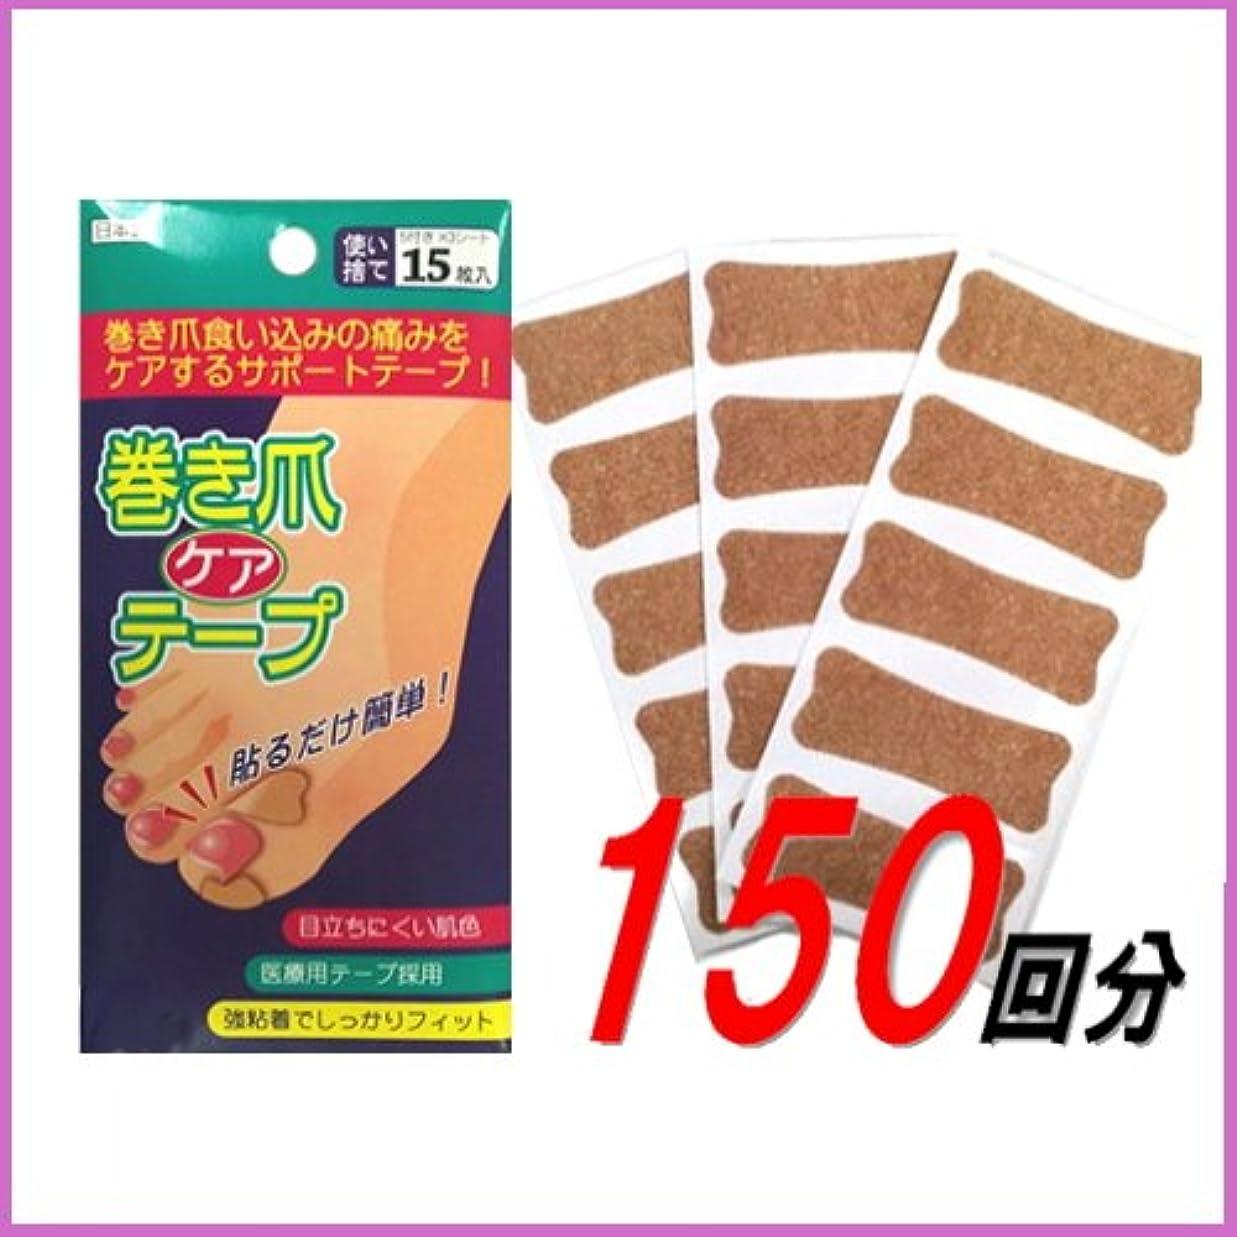 目に見える解明彼女自身巻き爪 テープ 10個セット ブロック ケア テーピング 日本製